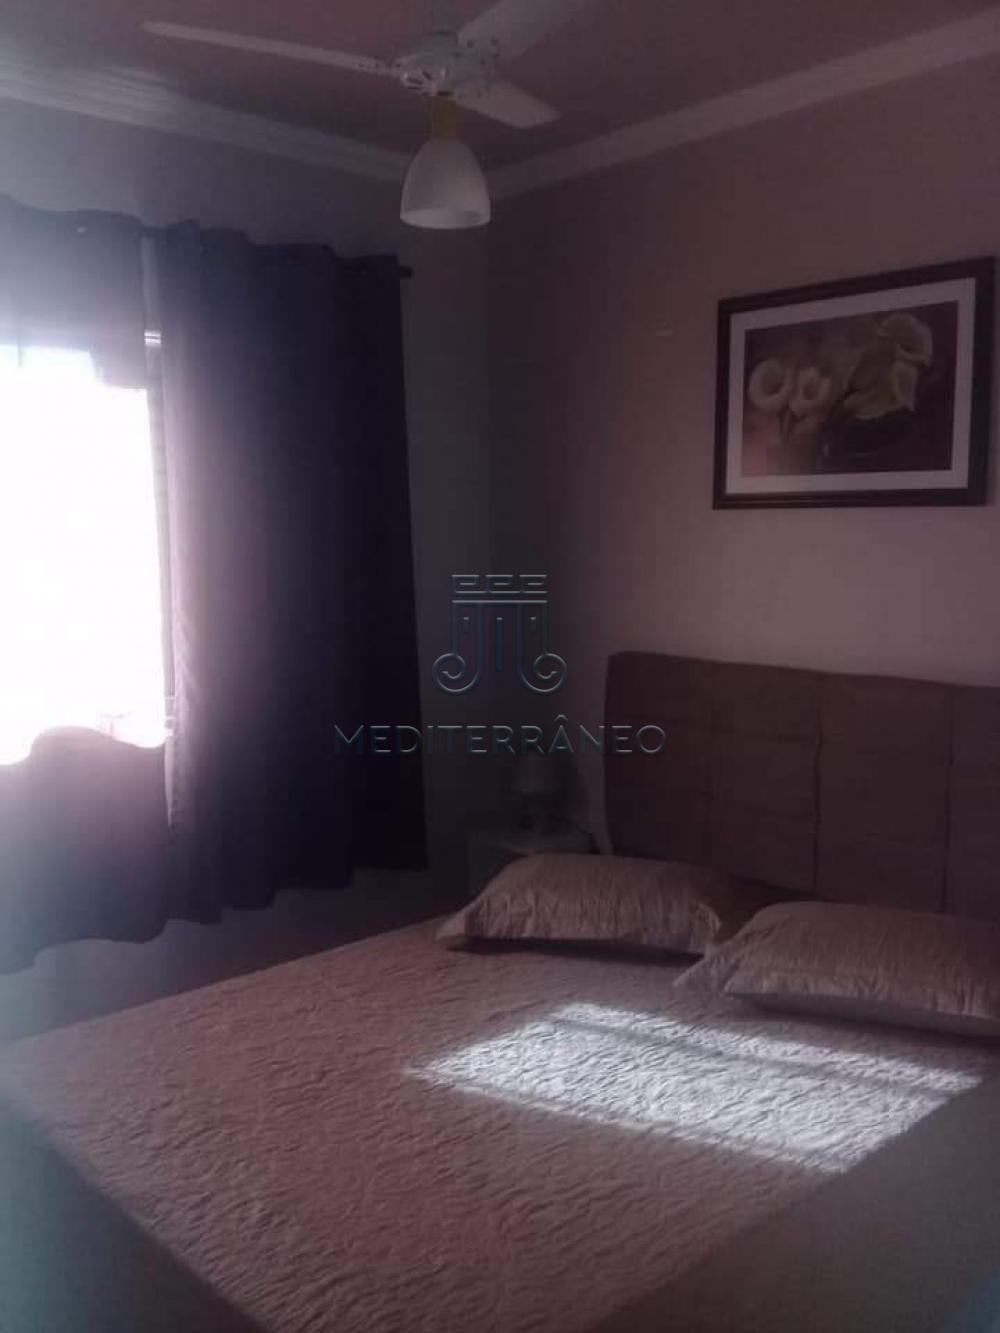 Comprar Apartamento / Padrão em Campo Limpo Paulista apenas R$ 200.000,00 - Foto 8